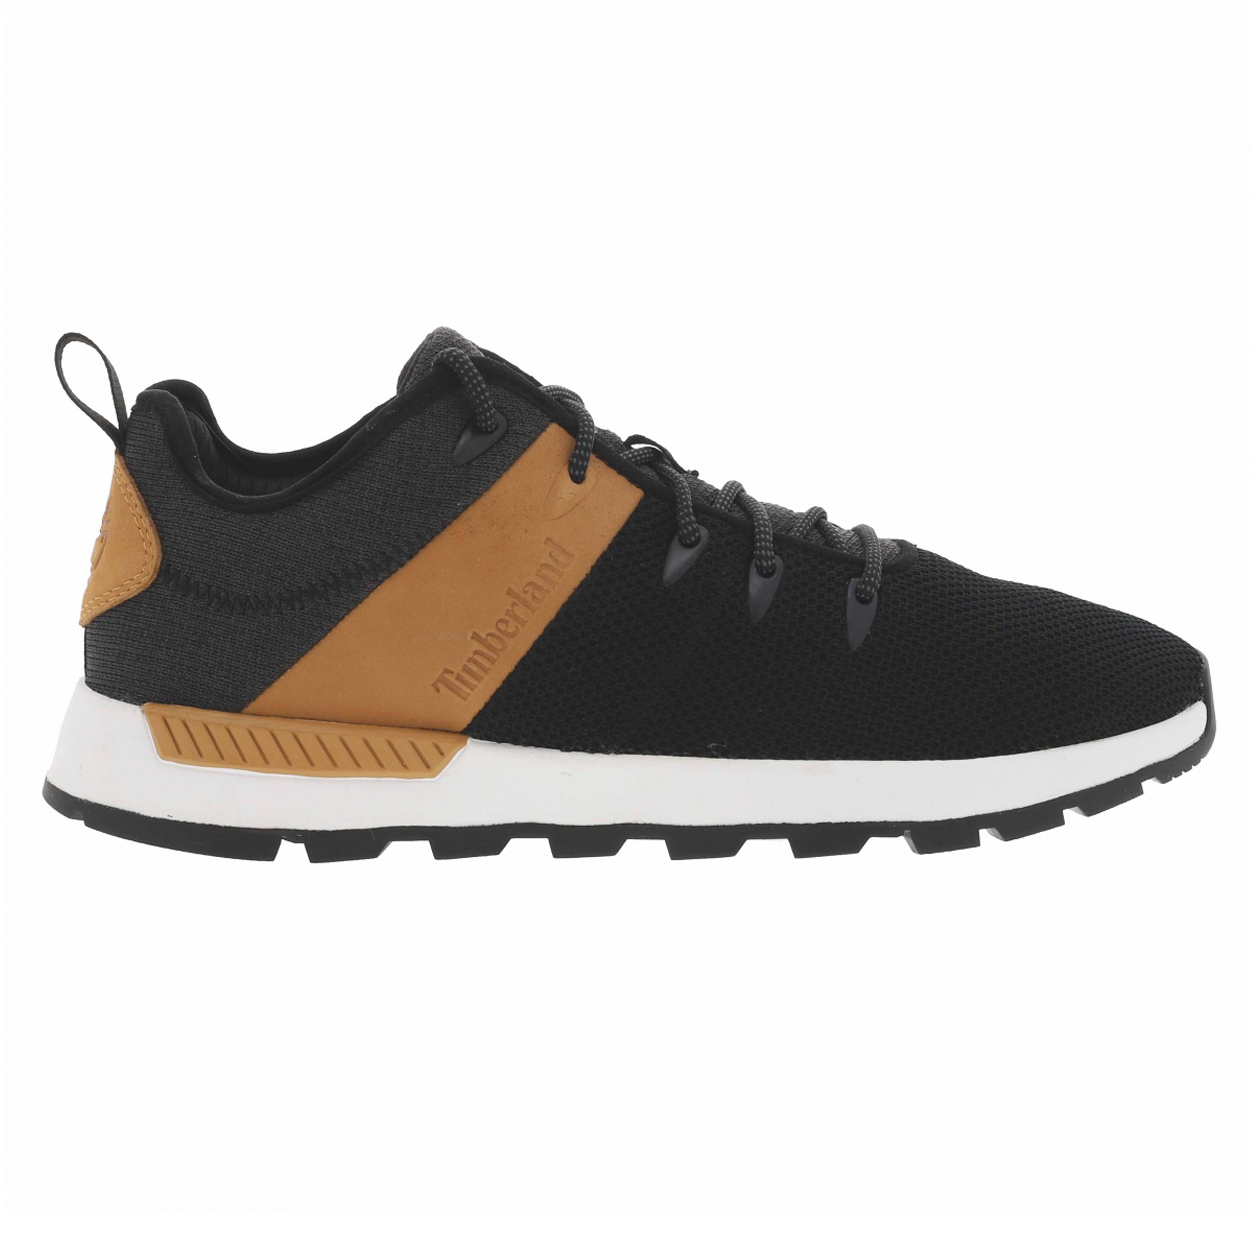 Chaussures mi-hautes  sprint trekker en toile noire et cuir camel